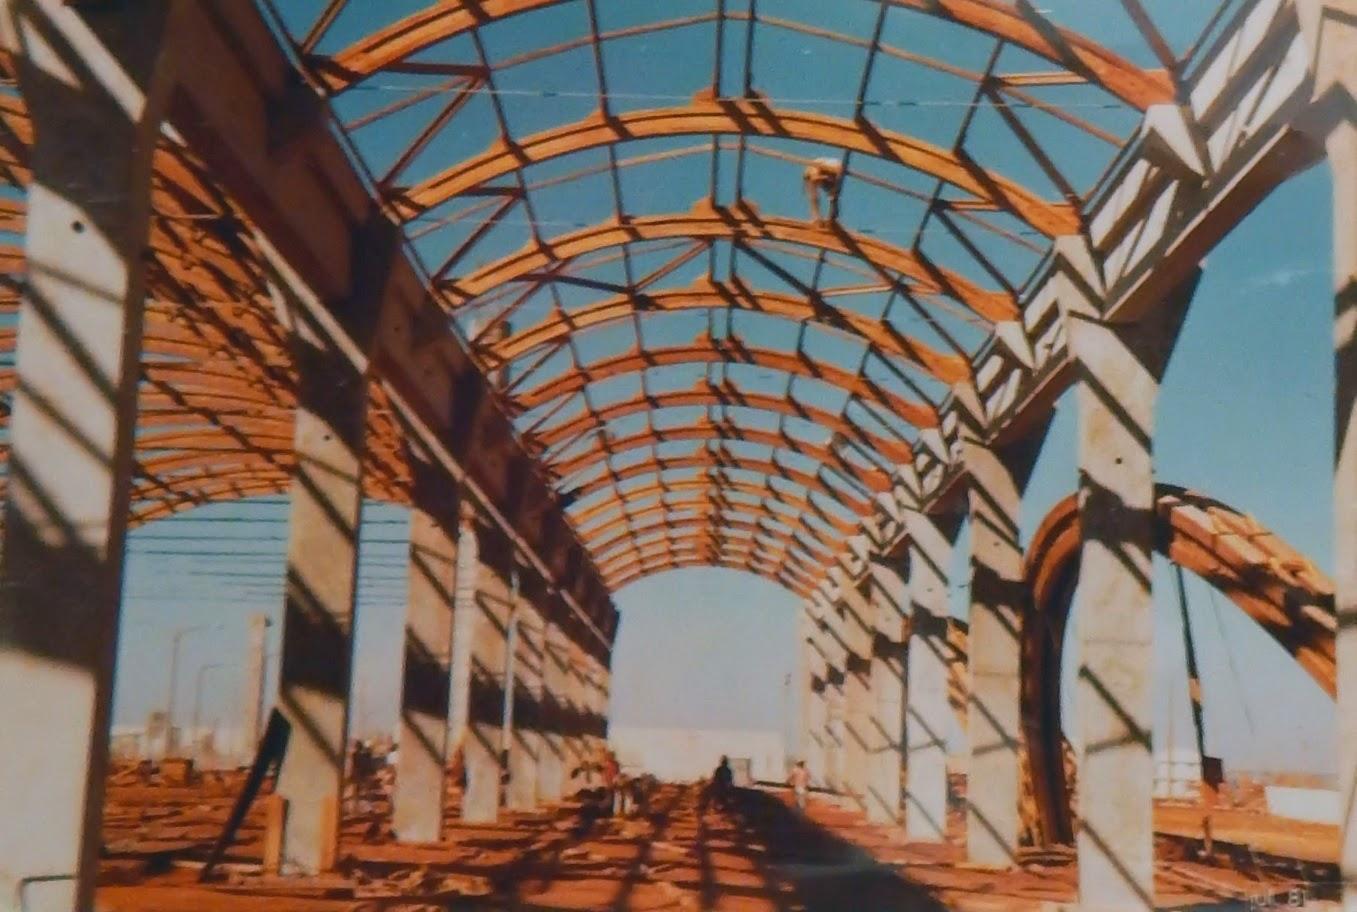 A cobertura conta com arcos constituídos de diversas vigas de madeira cortadas em raios e interligadas.